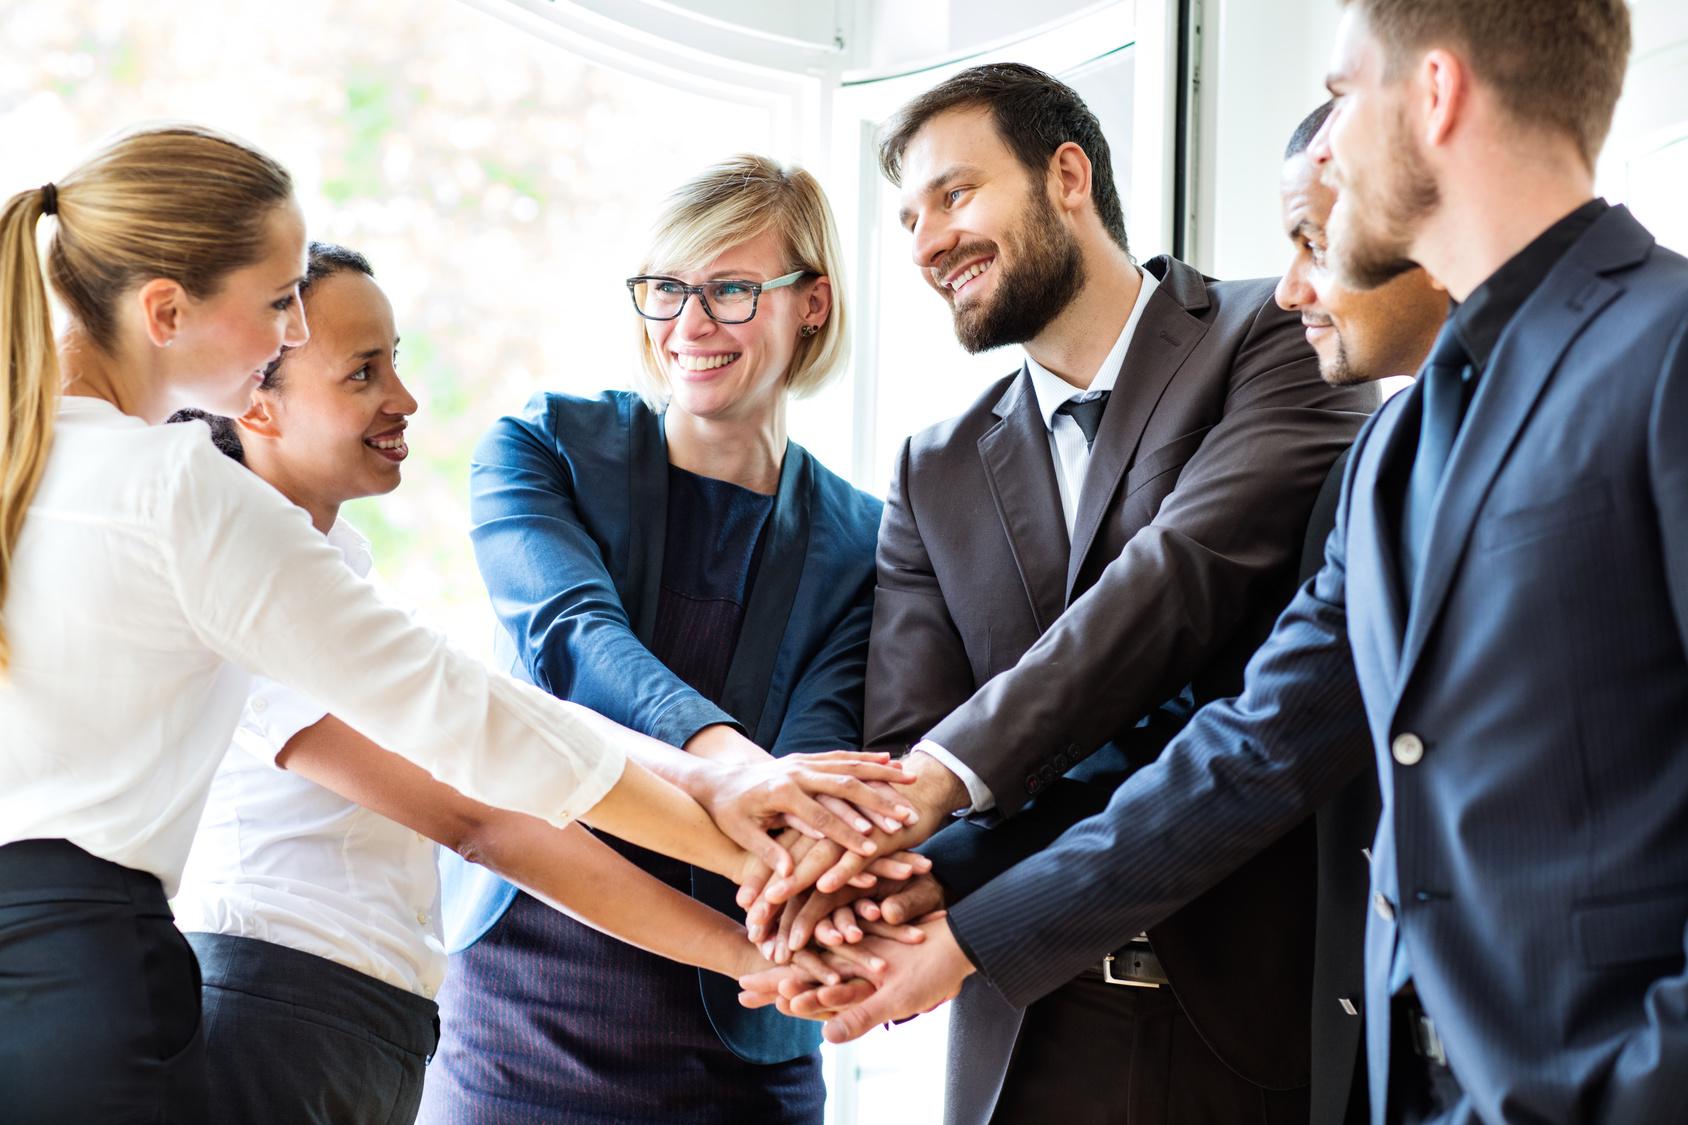 Unsere Beratungsteam, auch im Netzwerk, für Sie in den Themen Gesundheit, Personal und Qualifizierung von Führungskräften